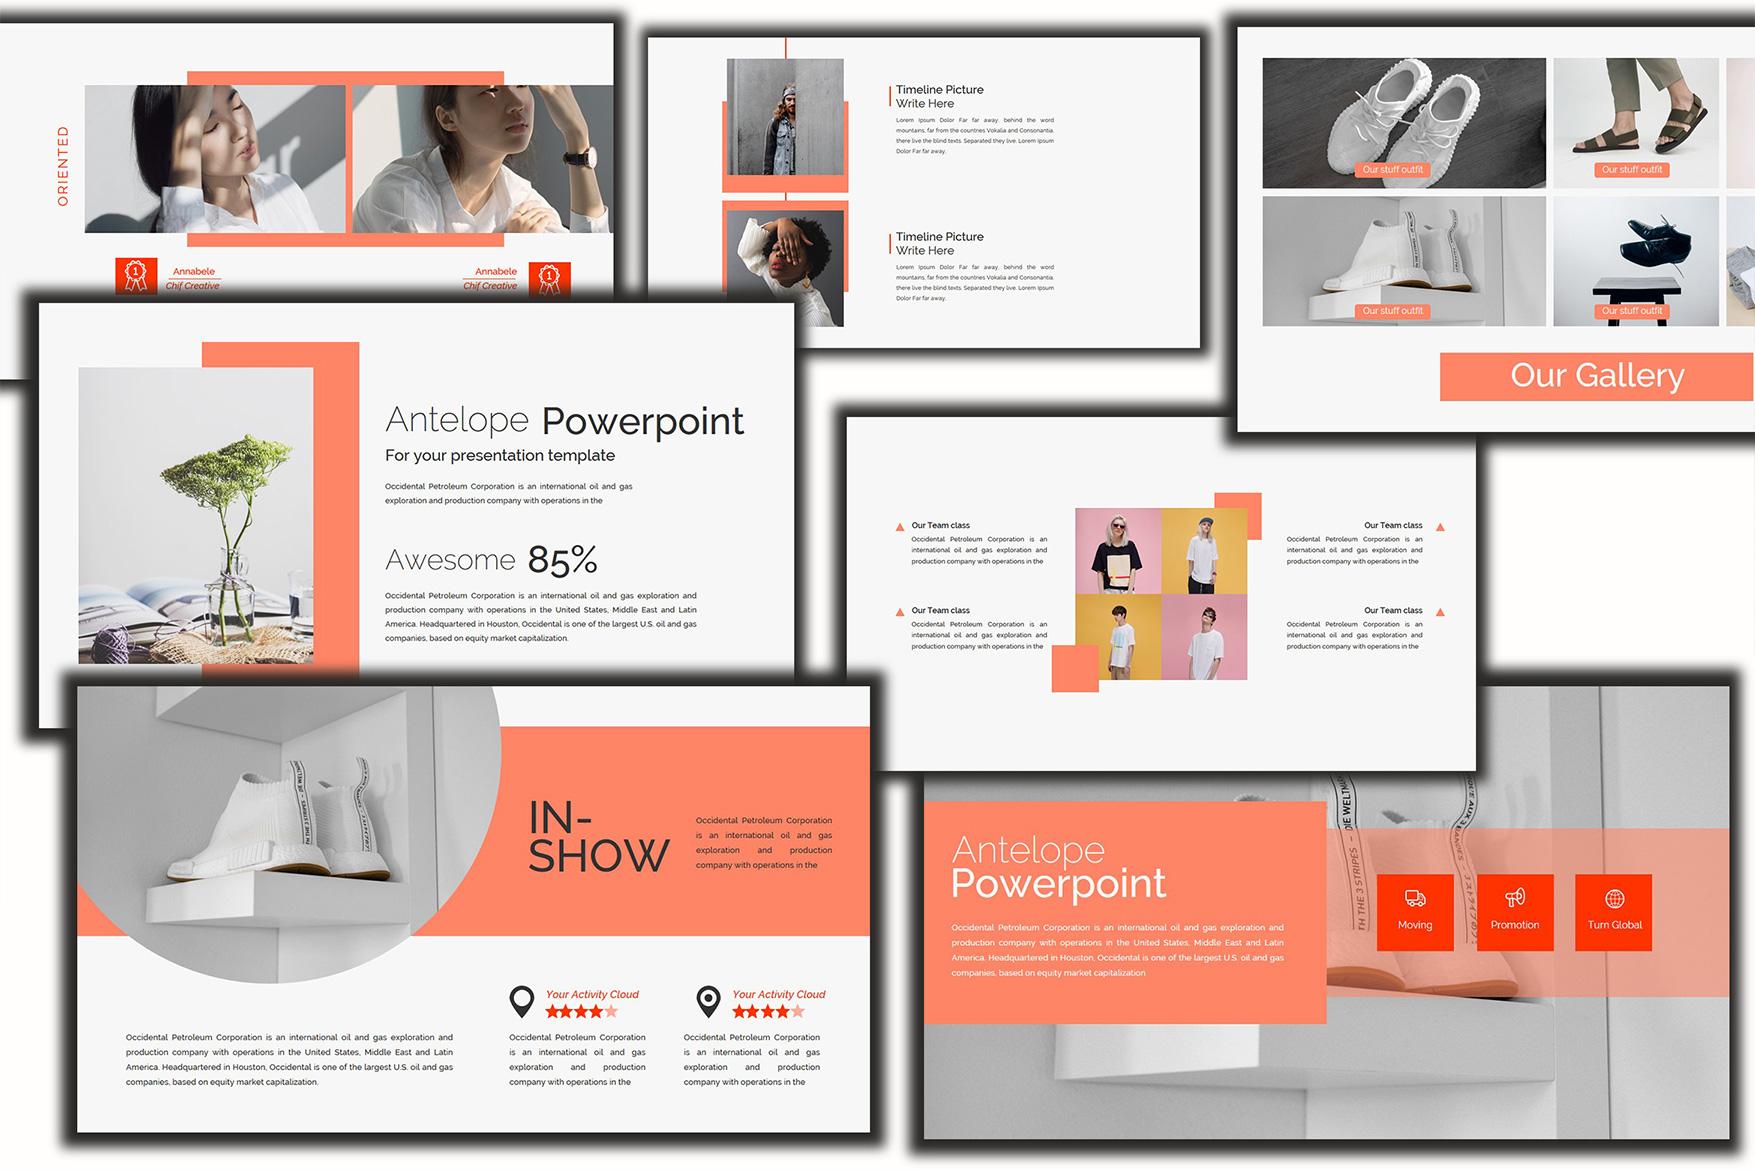 Antelope Lookbook Keynote Template example image 4